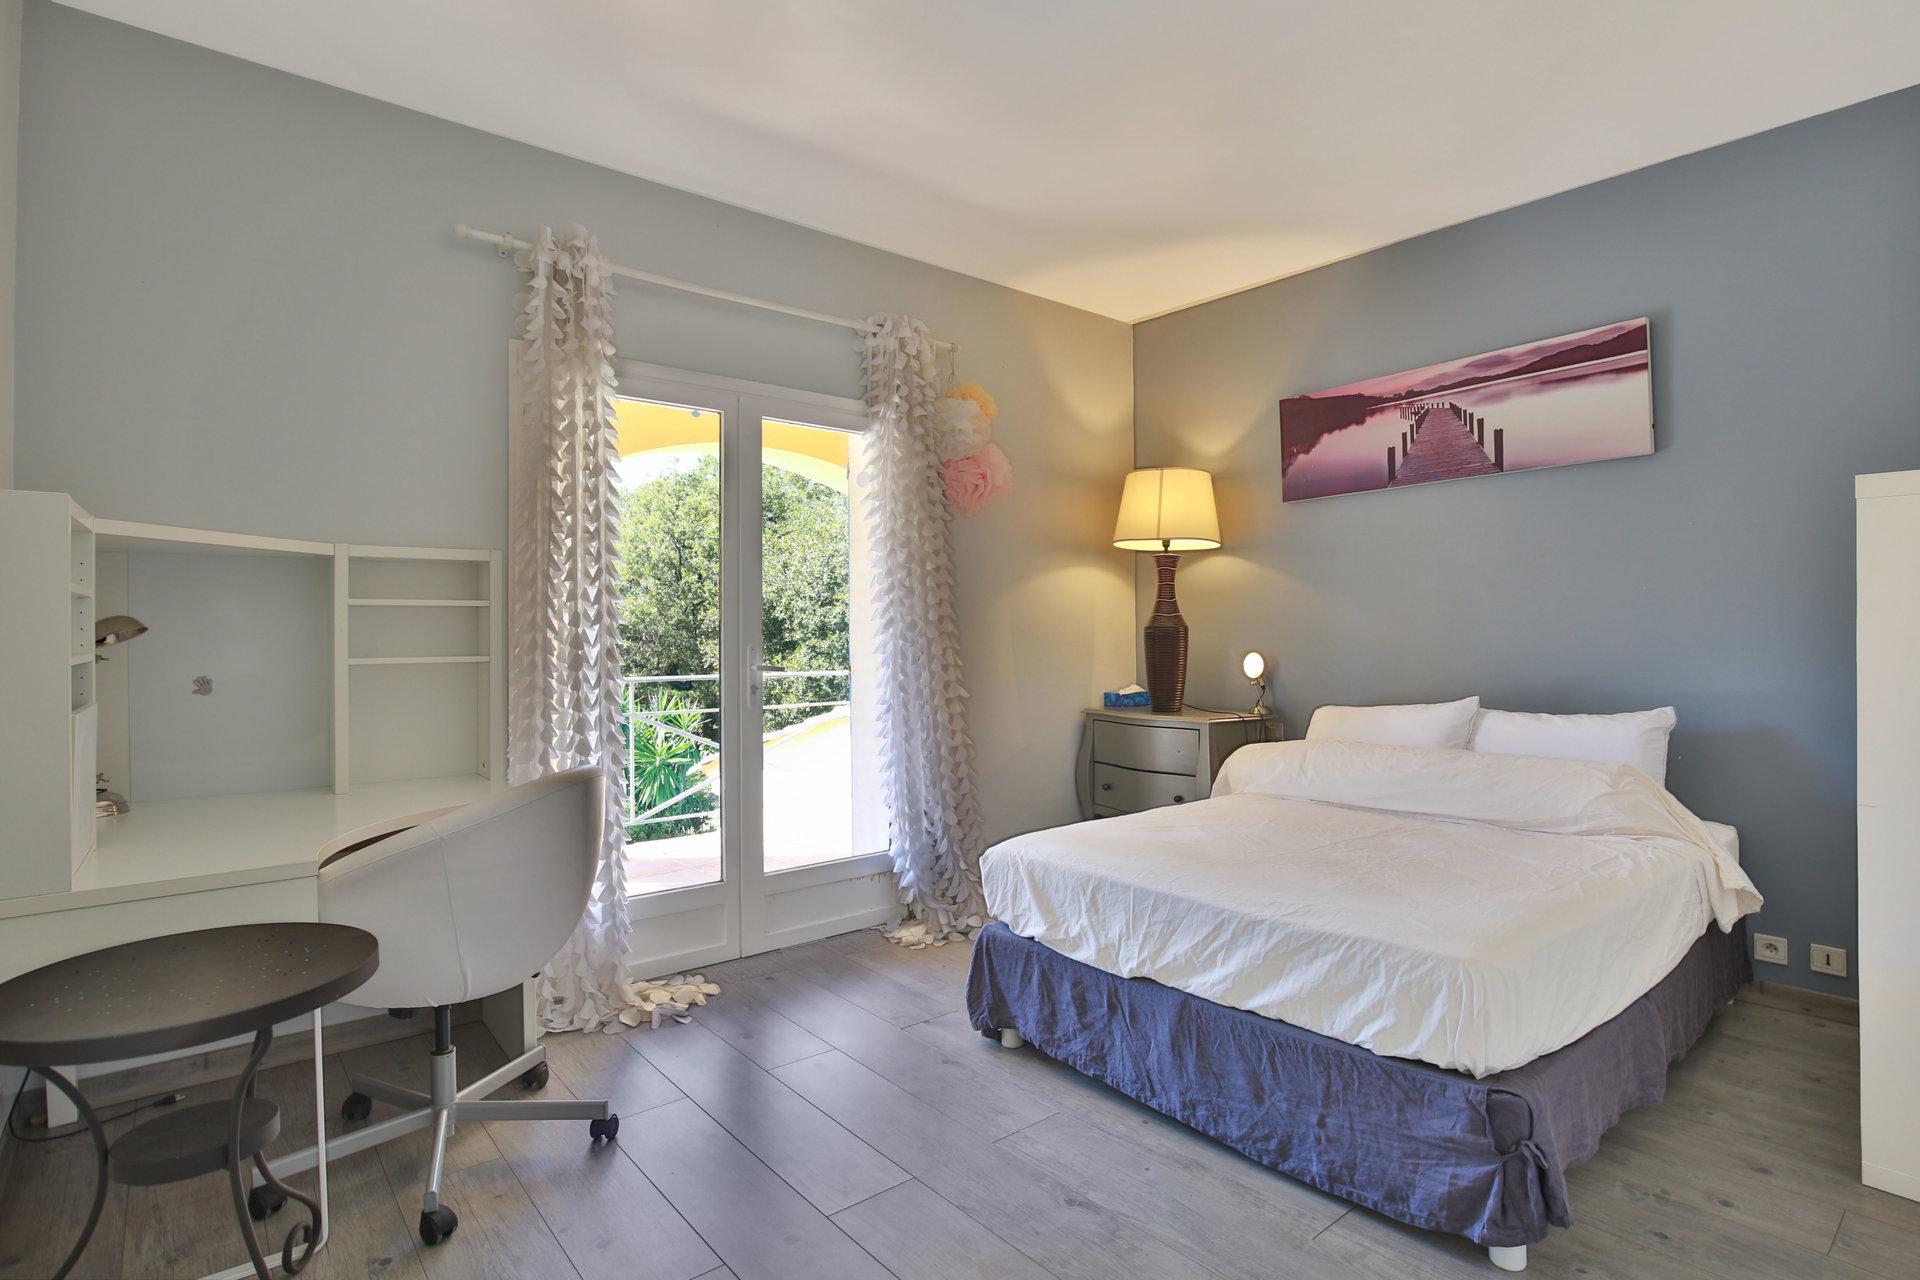 Verkauf Haus - Valbonne - Frankreich